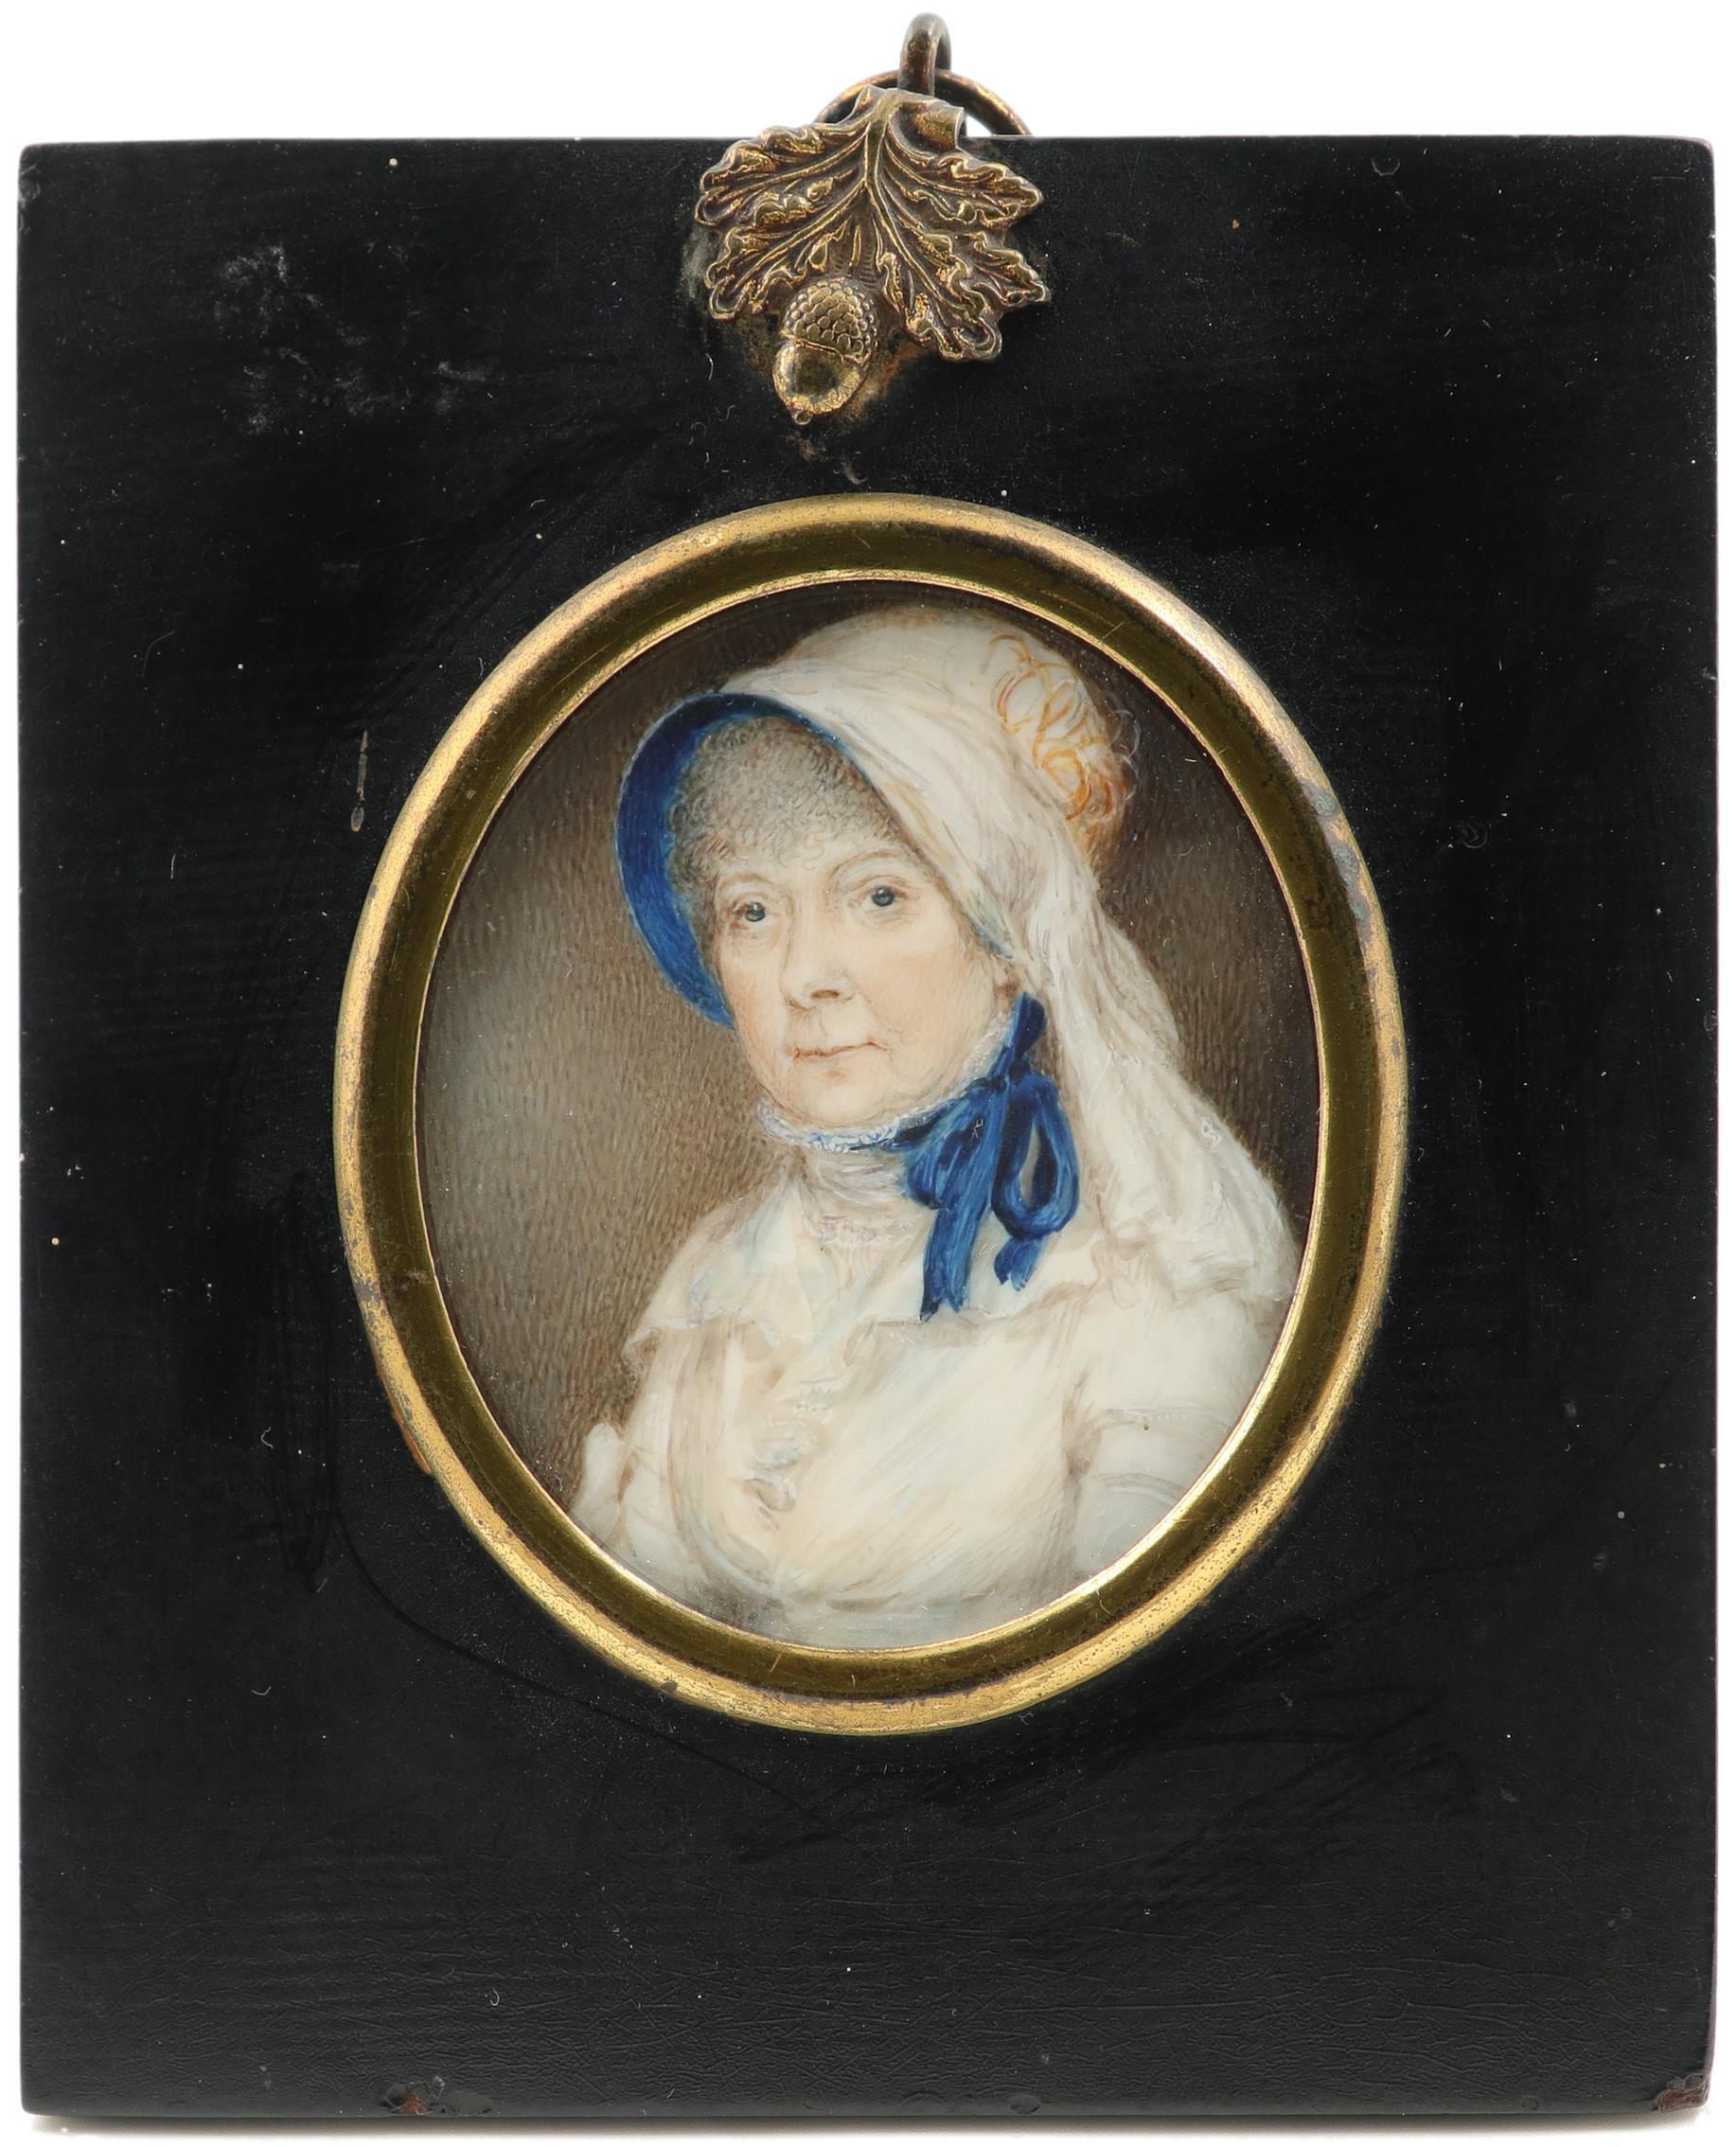 λEnglish School 19th Century Portrait miniature of a lady, wearing a white dress and blue lined - Image 2 of 3